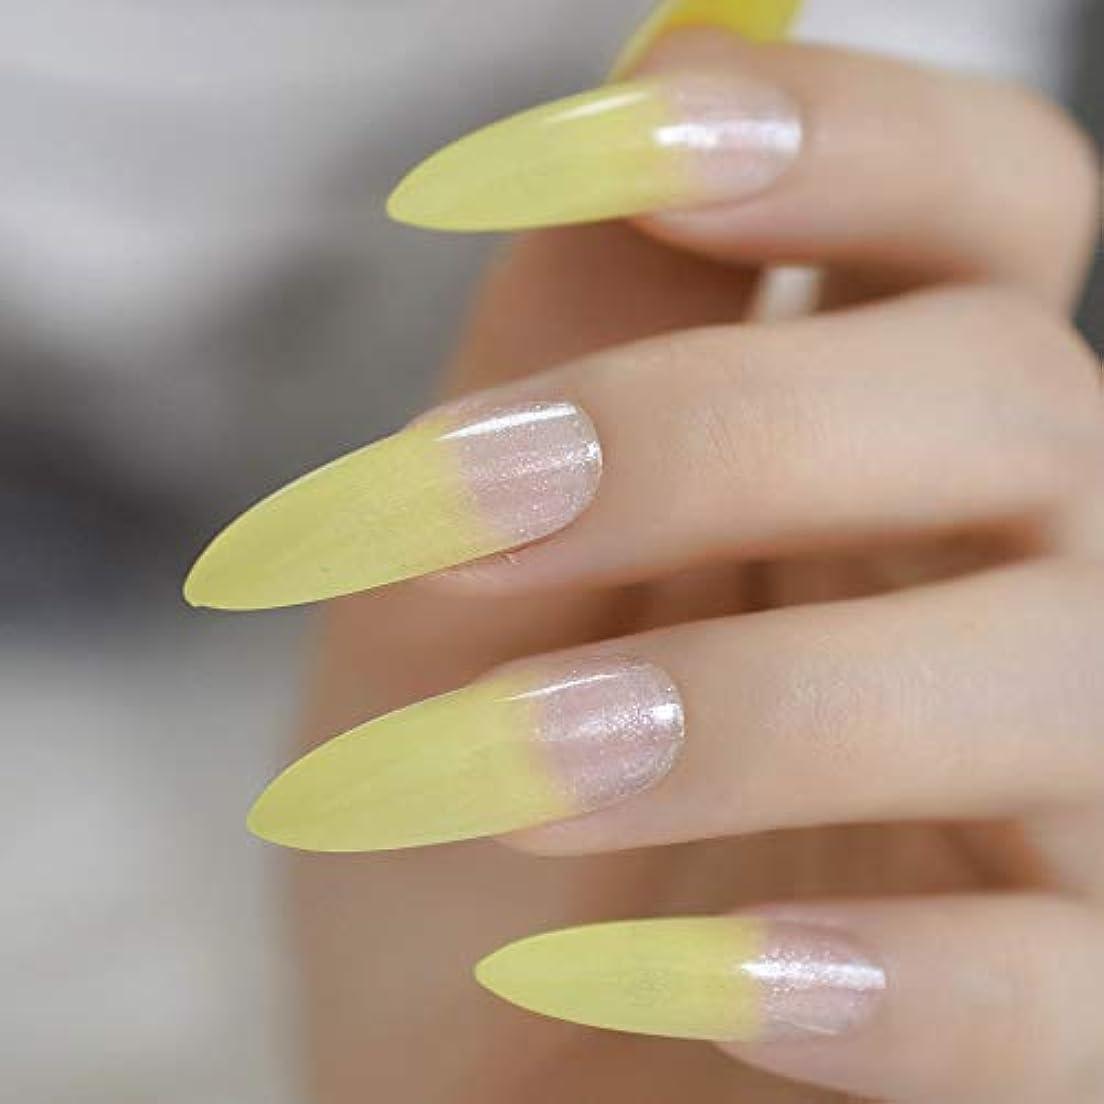 責任者コックコックXUTXZKA 偽の指の爪のエクステンションデコに余分な長い爪の明るい黄色のグラデーションプレス